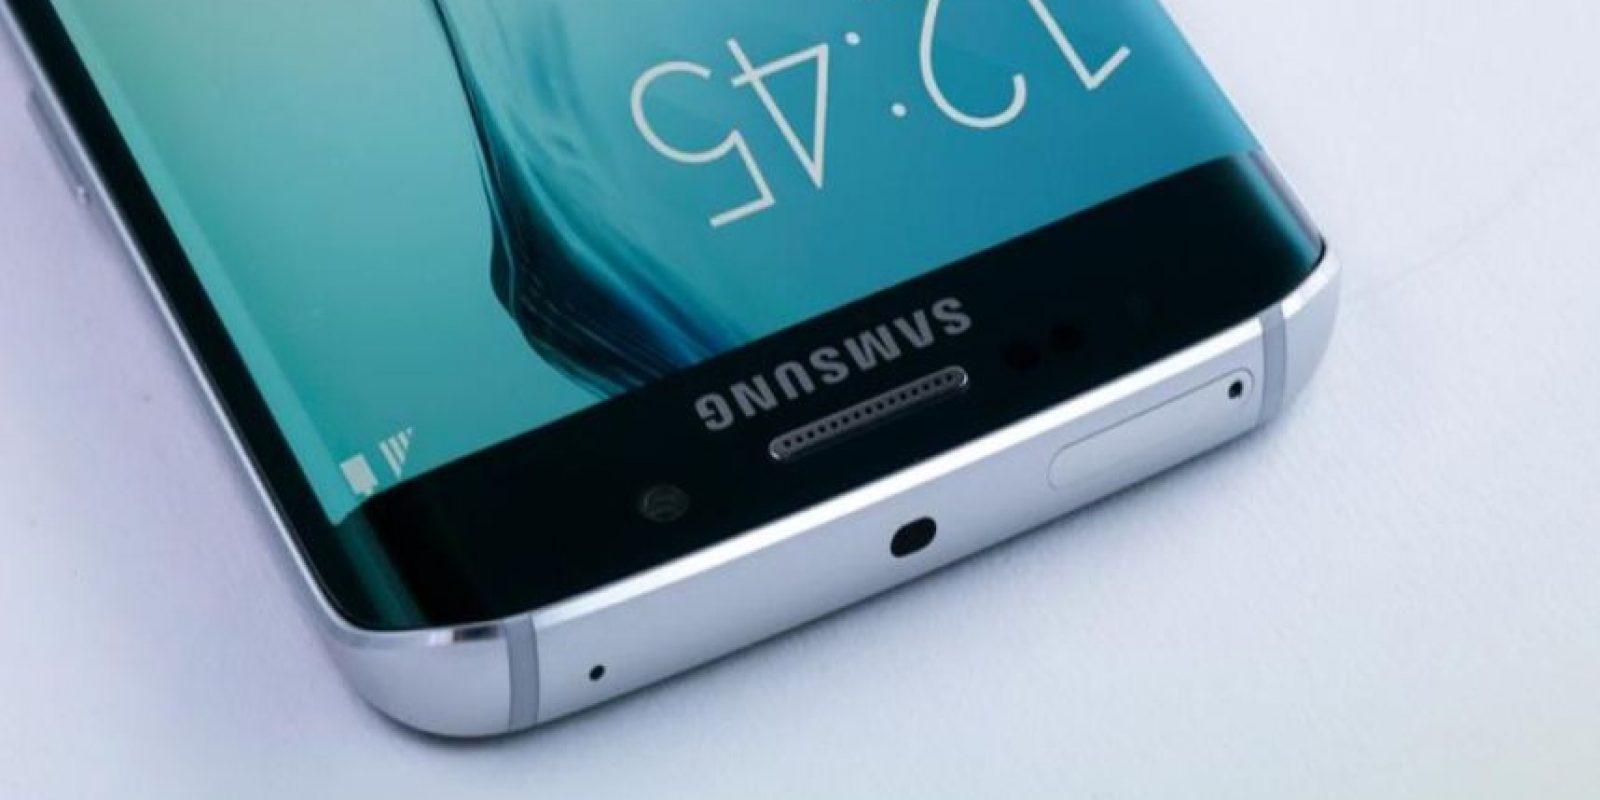 La altura, anchura y profundidad son diversas. Samsung Galaxy S6 mide 143.4*70.5*6.8 mm, mientras que el Samsung Galaxy S6 Edge mide 142.1*70.1*7.0 mm. Foto:Samsung